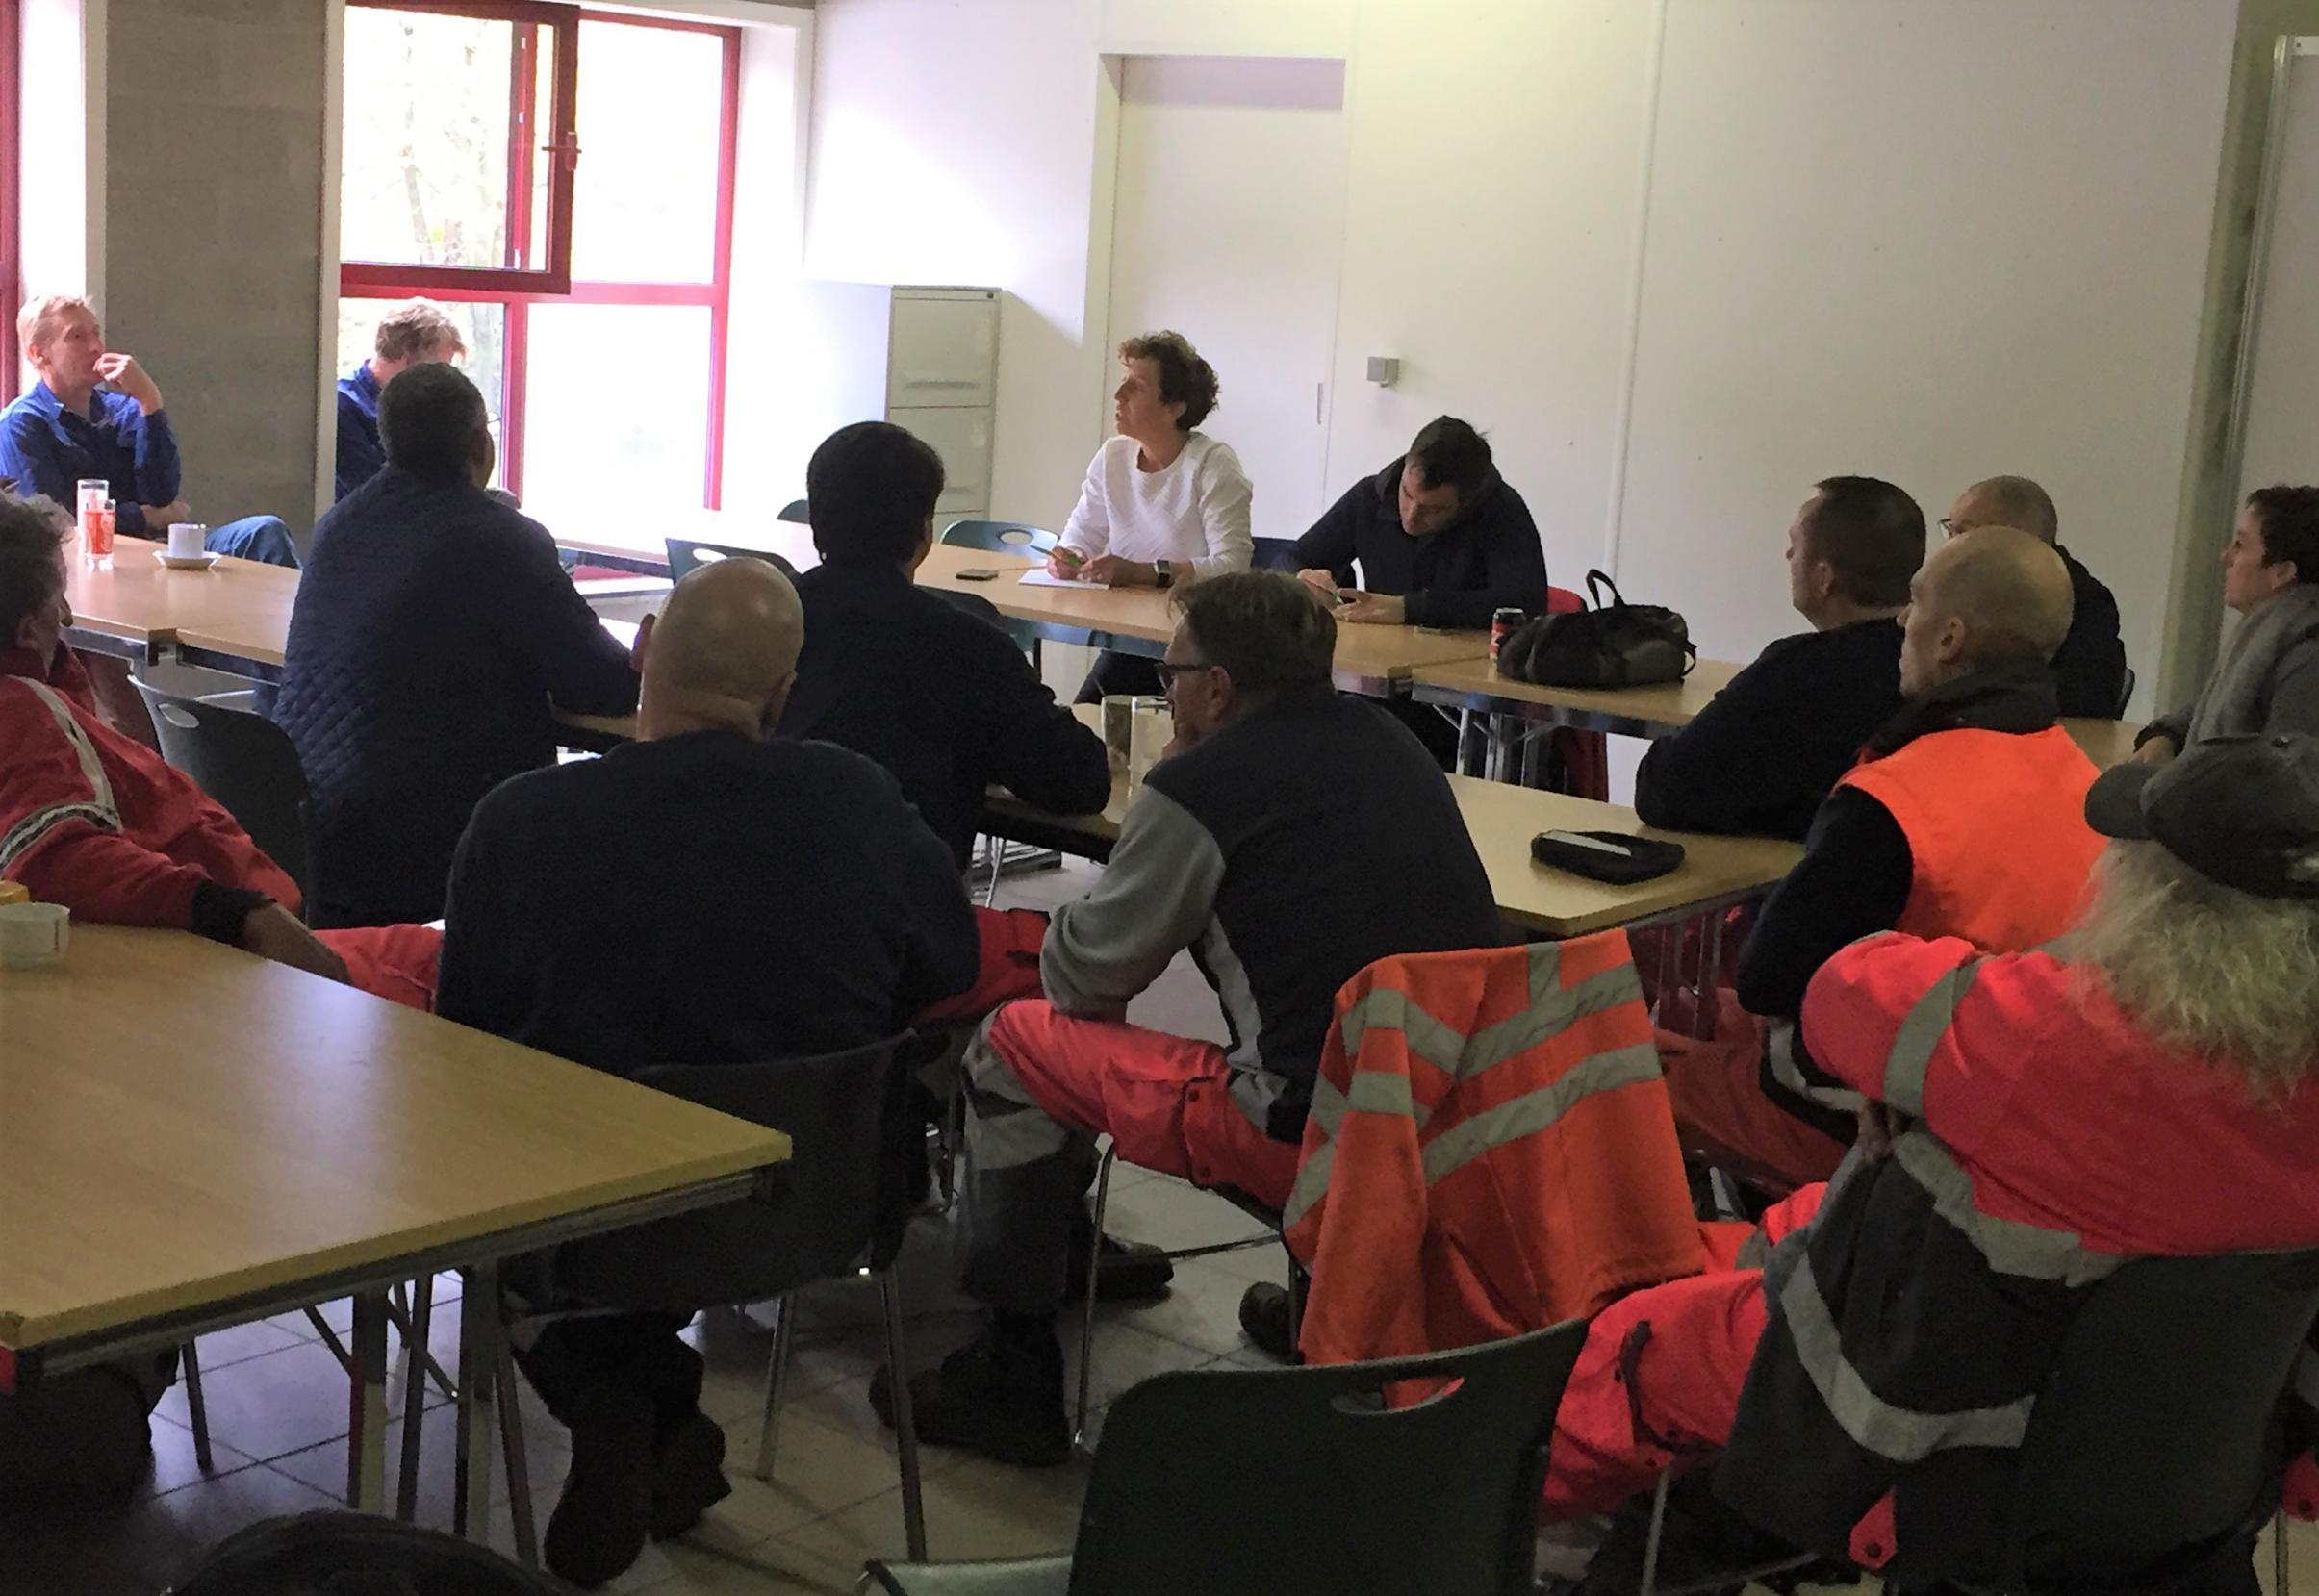 Minder premies en langere werkdagen leiden tot staking bij gemeentepersoneel